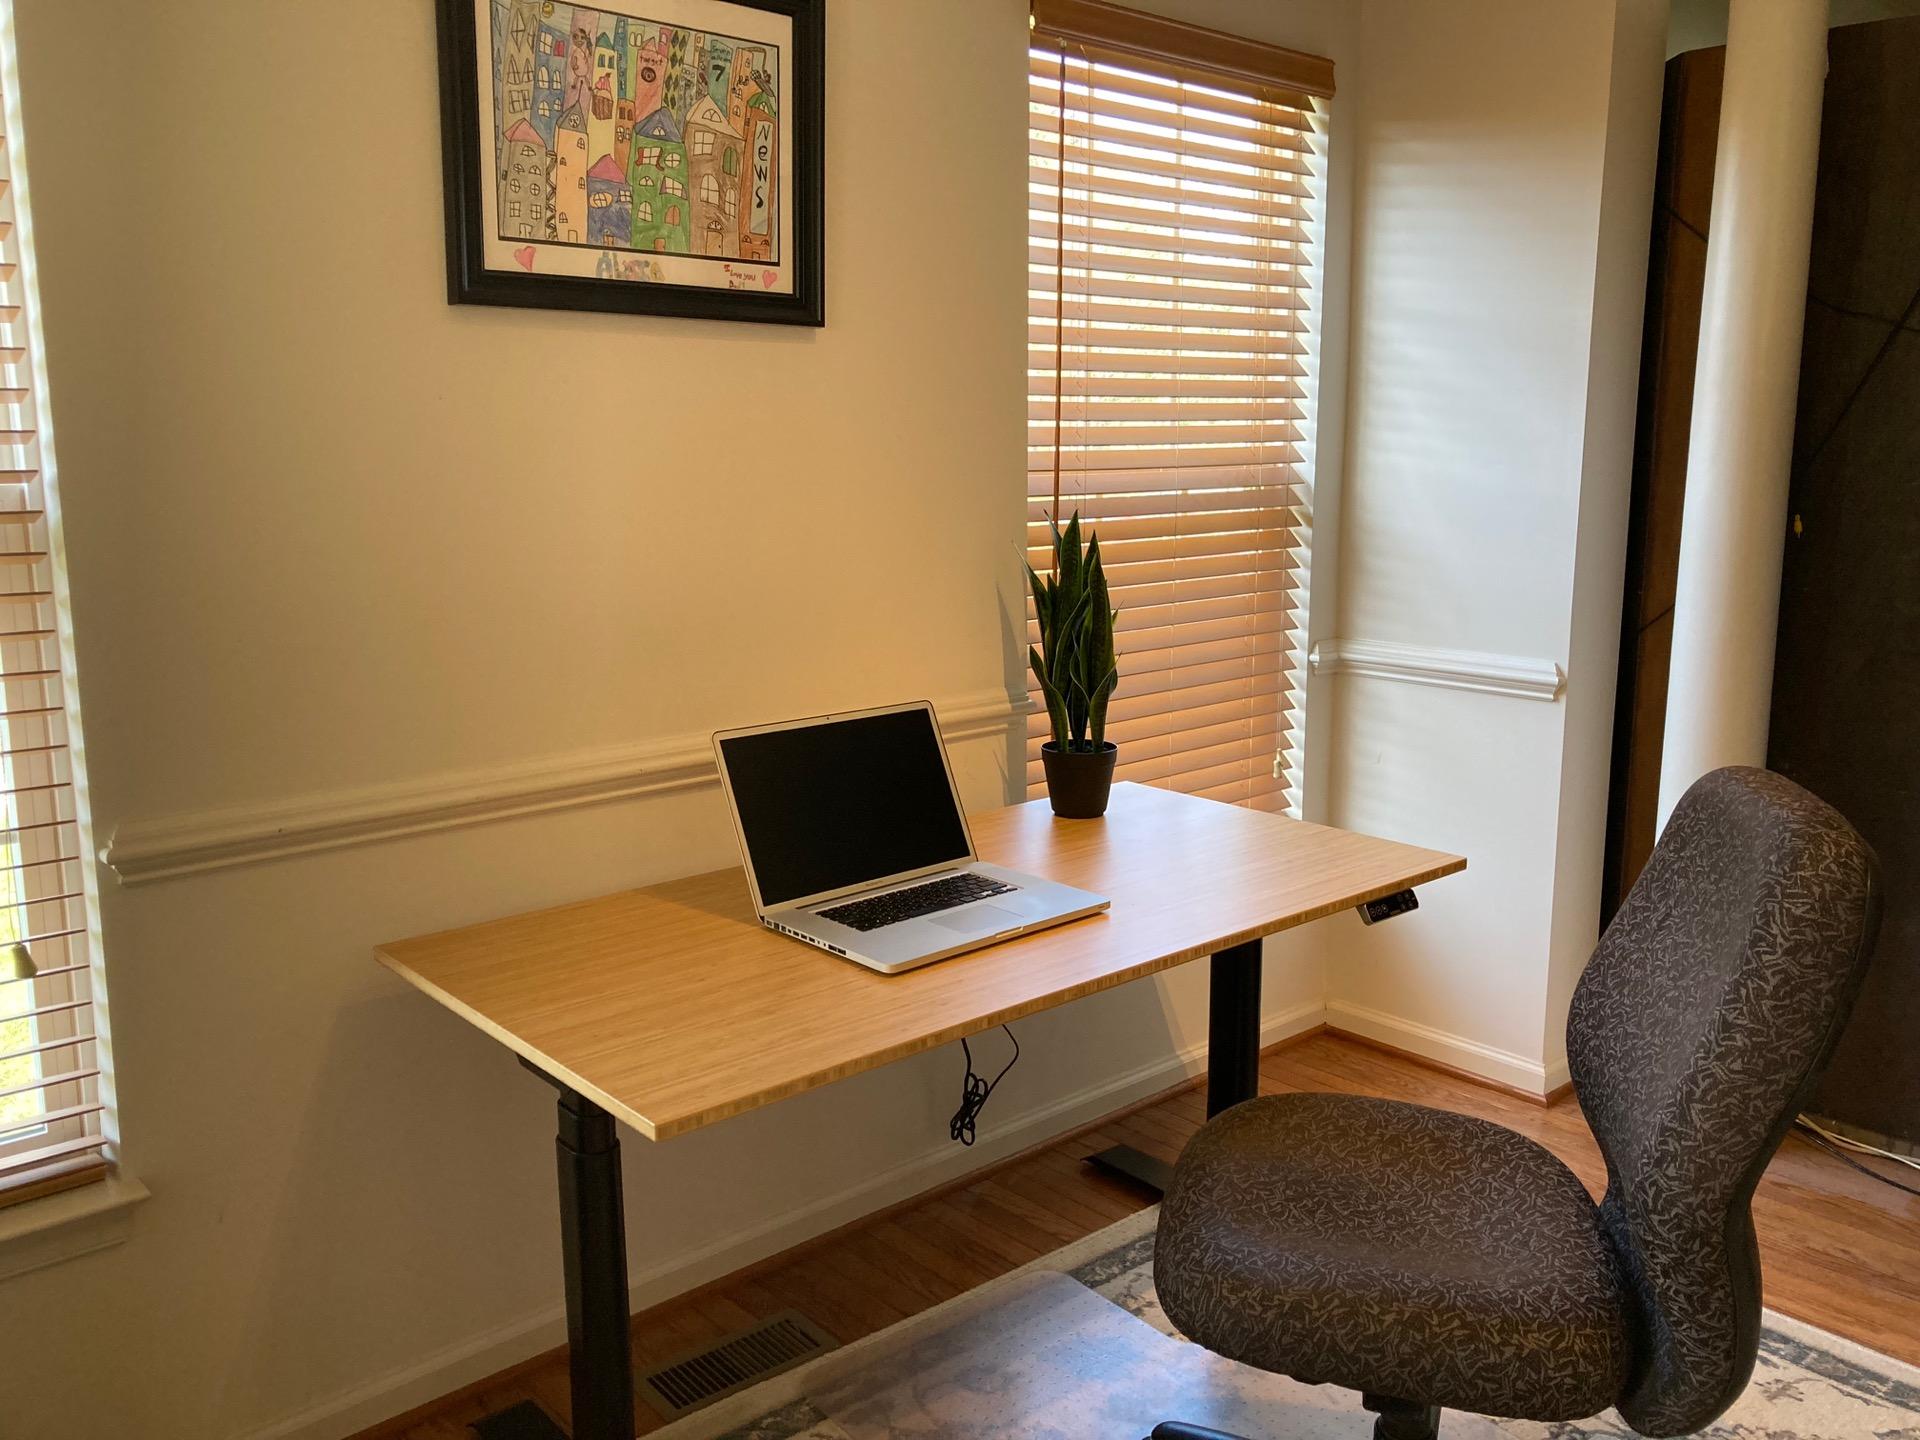 Flexispot Kana Pro Bamboo Adjustable Standing Desk Review - General Tech 29